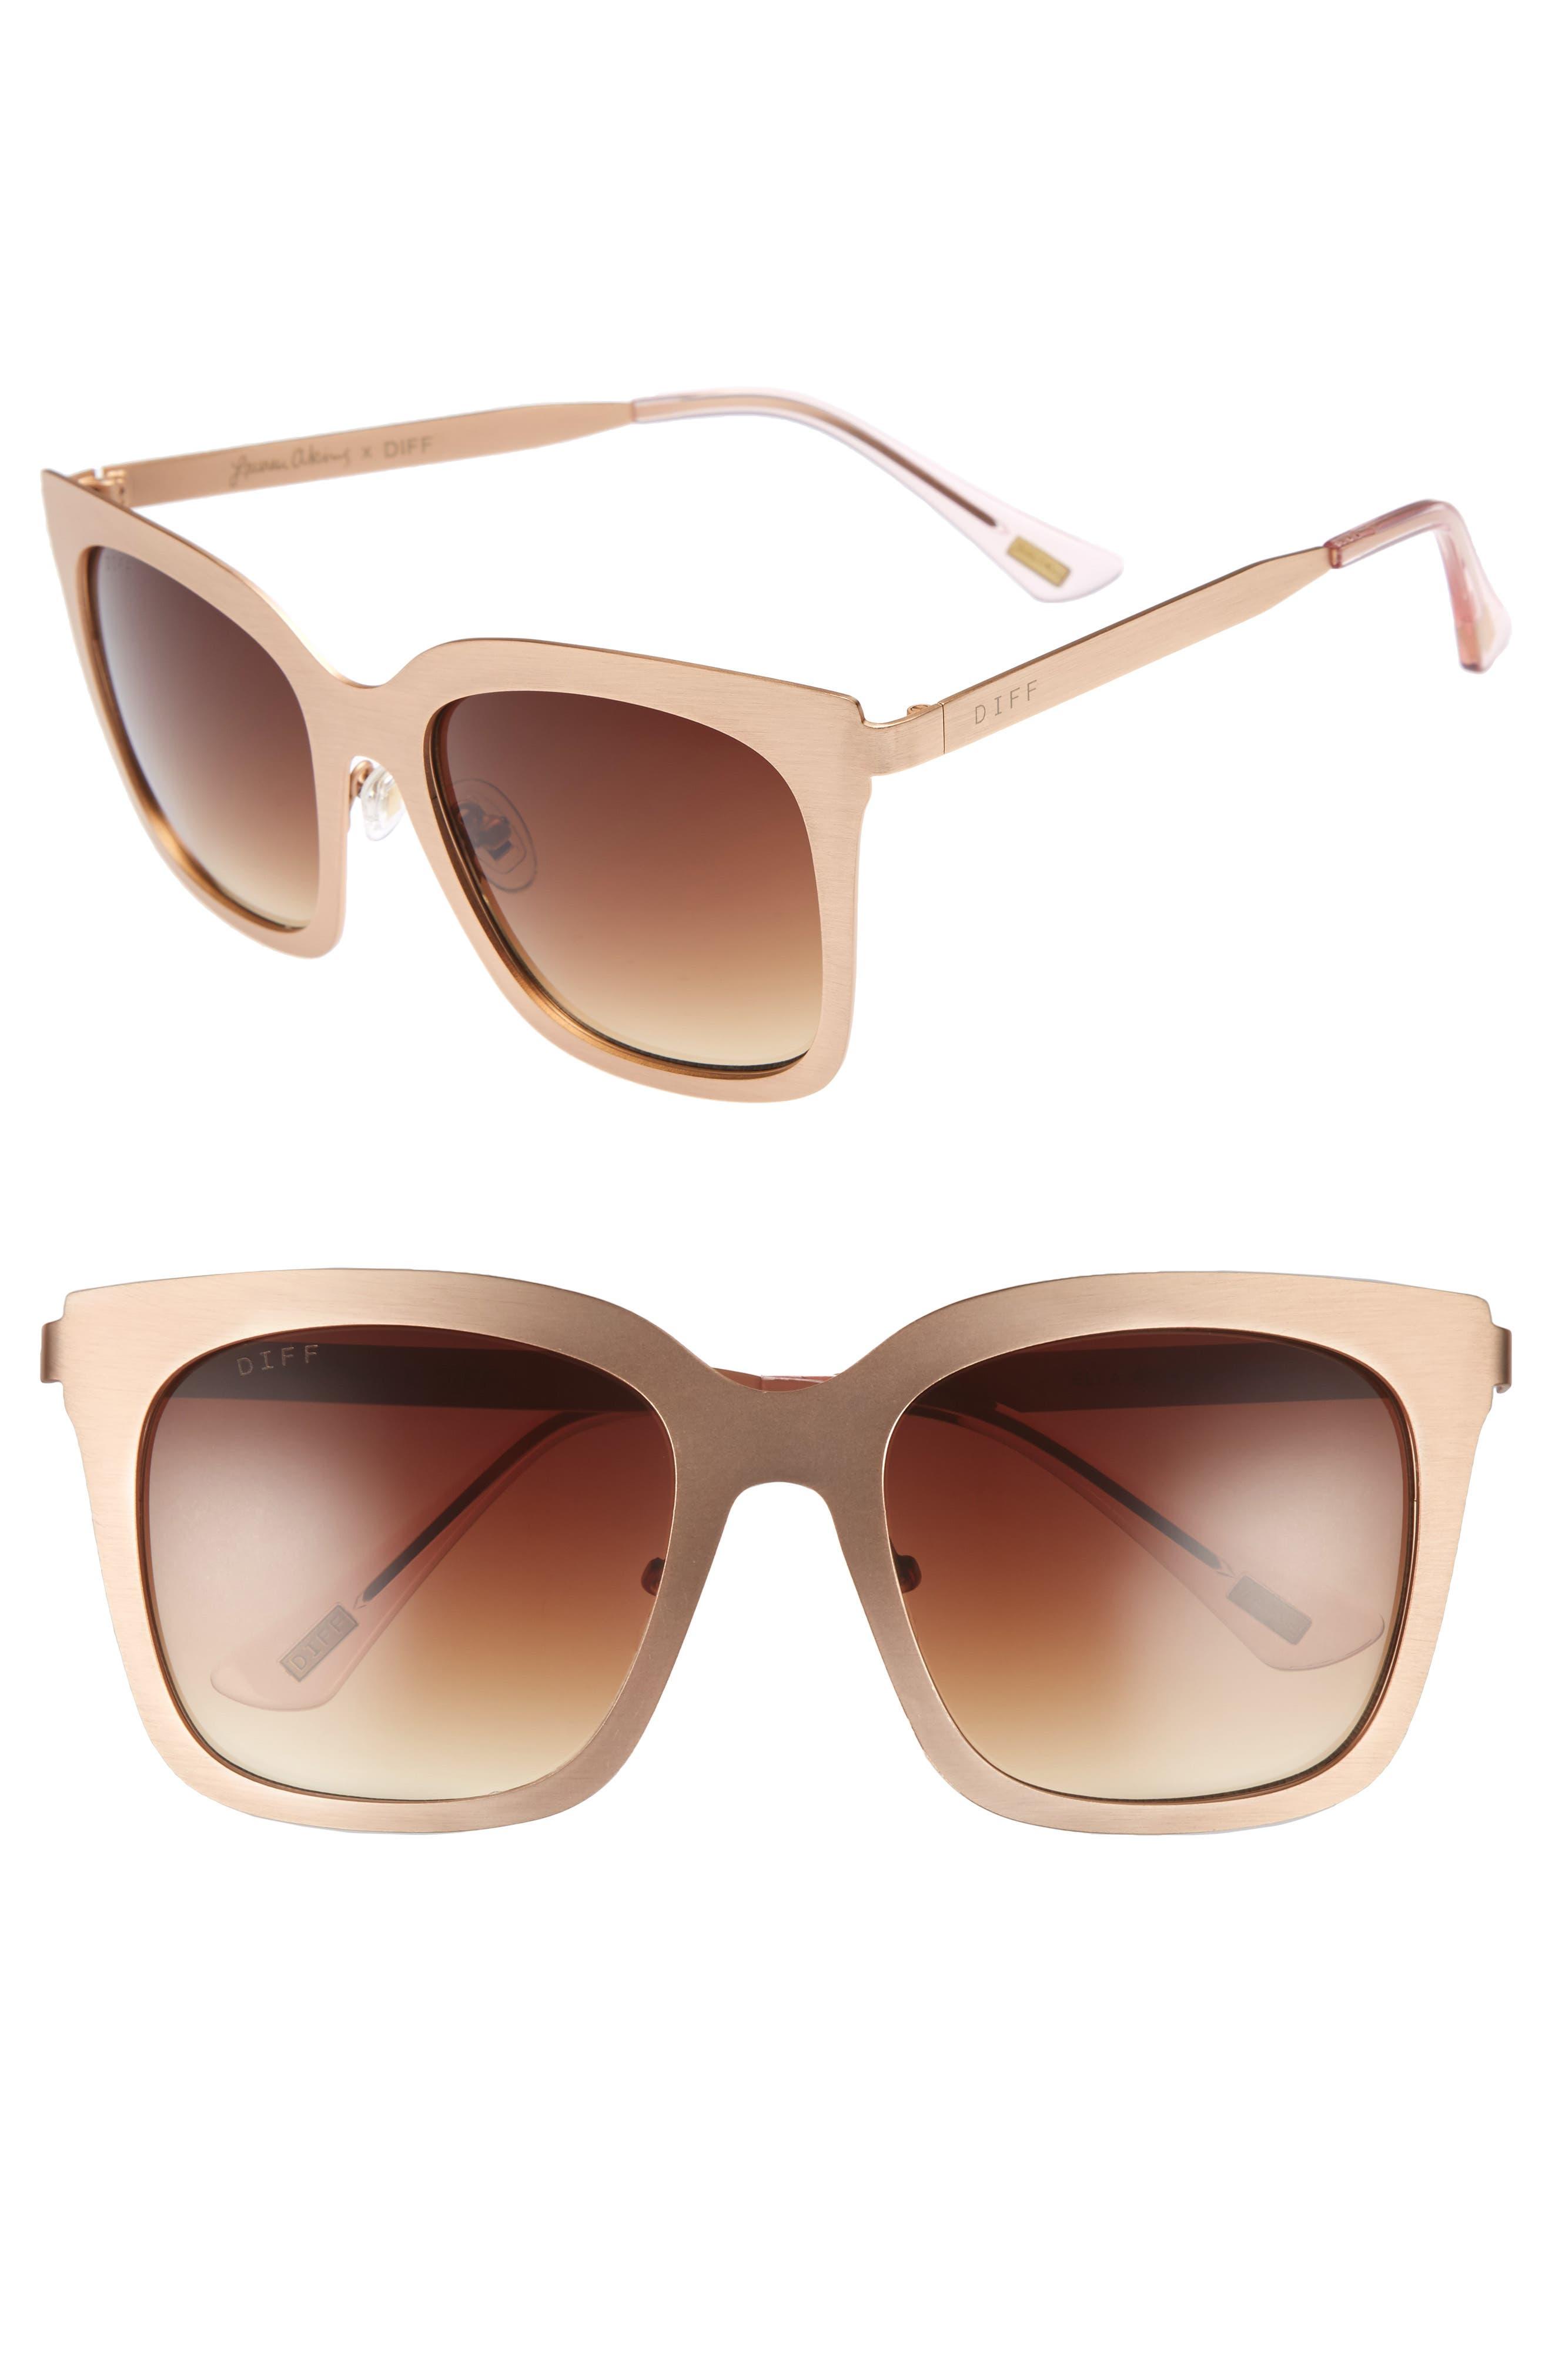 x Lauren Akins Ella 55mm Cat Eye Sunglasses,                         Main,                         color, Gold/ Brown